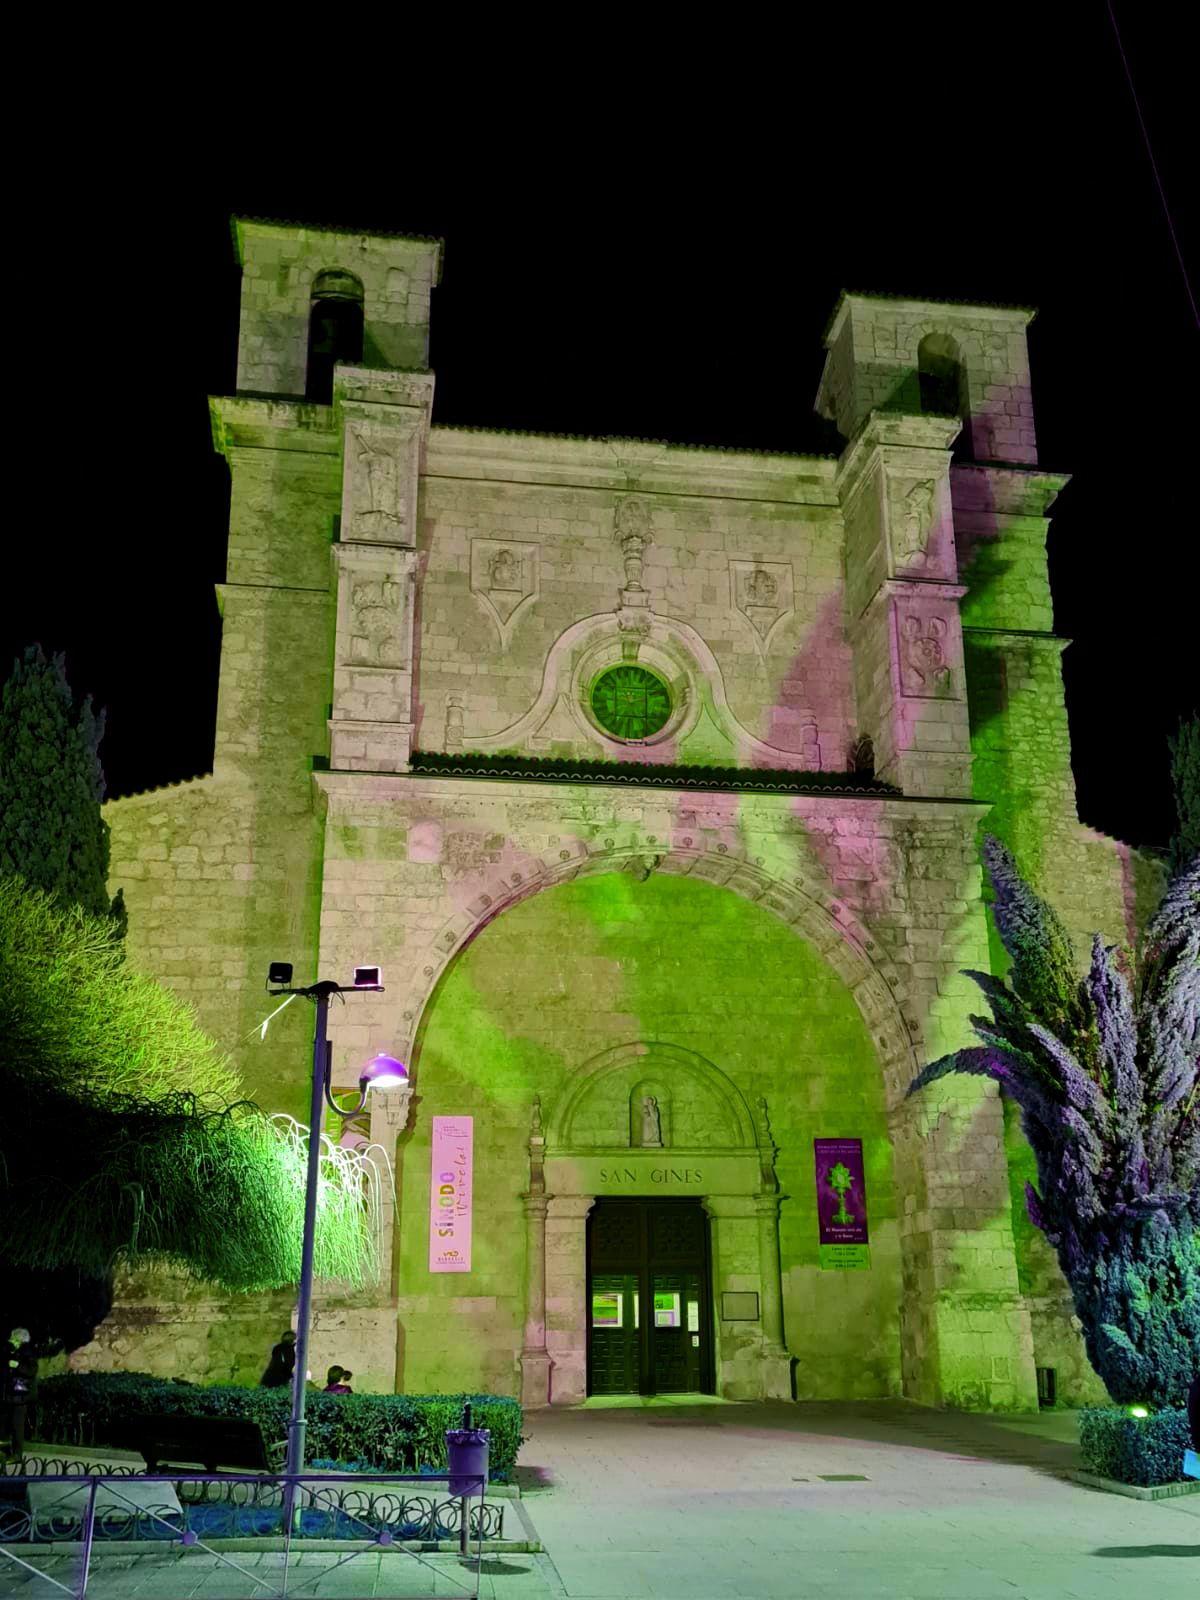 San Ginés se iluminará de verde desde esta tarde y durante todo el fin de semana con motivo del Día Mundial de las Enfermedades Raras